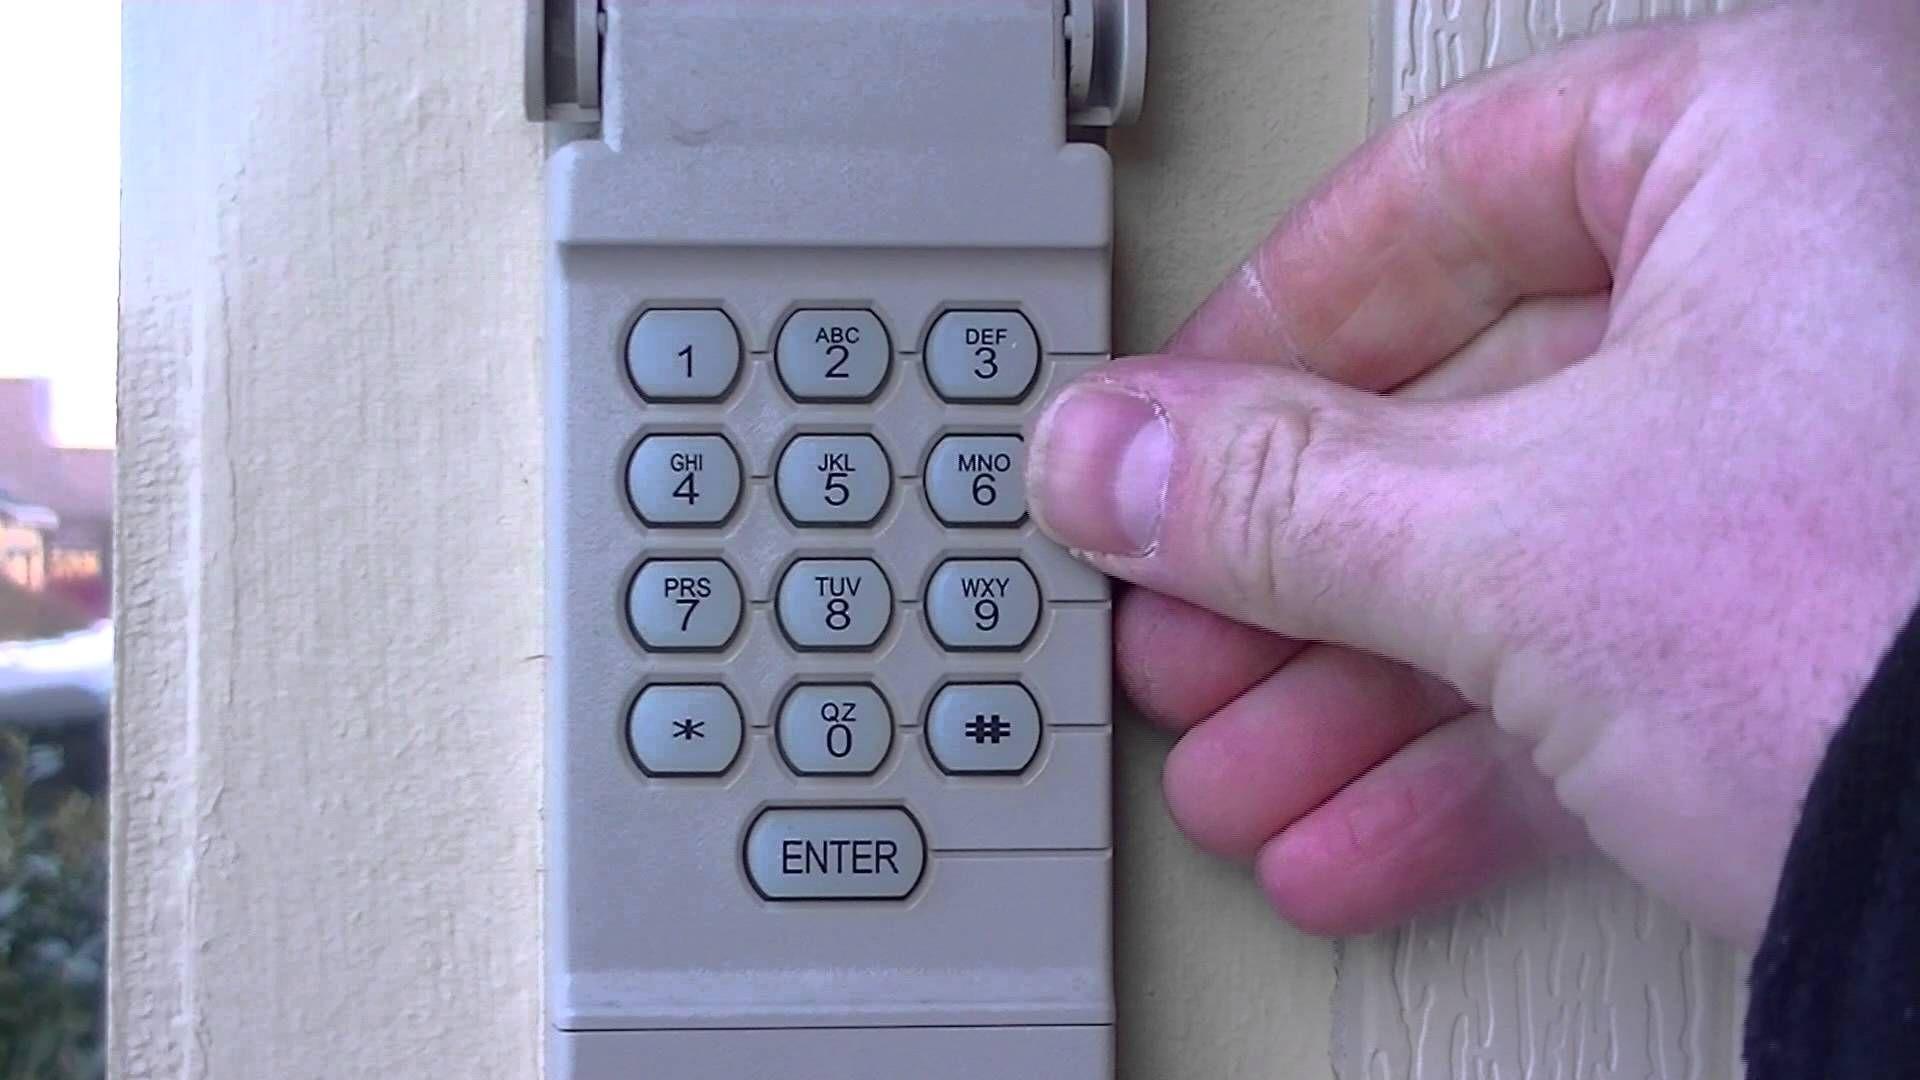 How to reset your garage door keypad pin number Garage